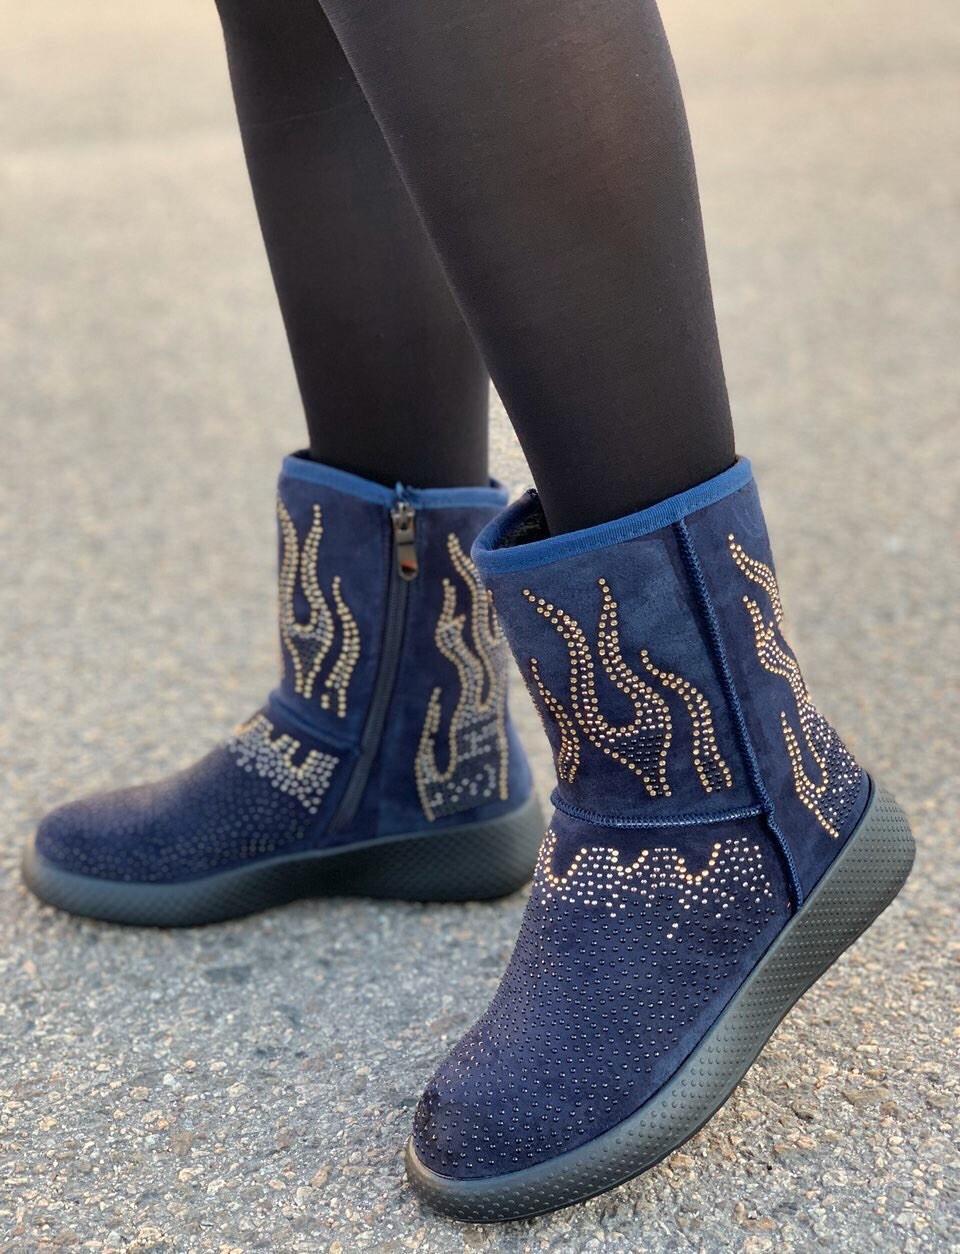 Ботинки женские зимние с супинатором 6 пар в ящике синего цвета 36-41